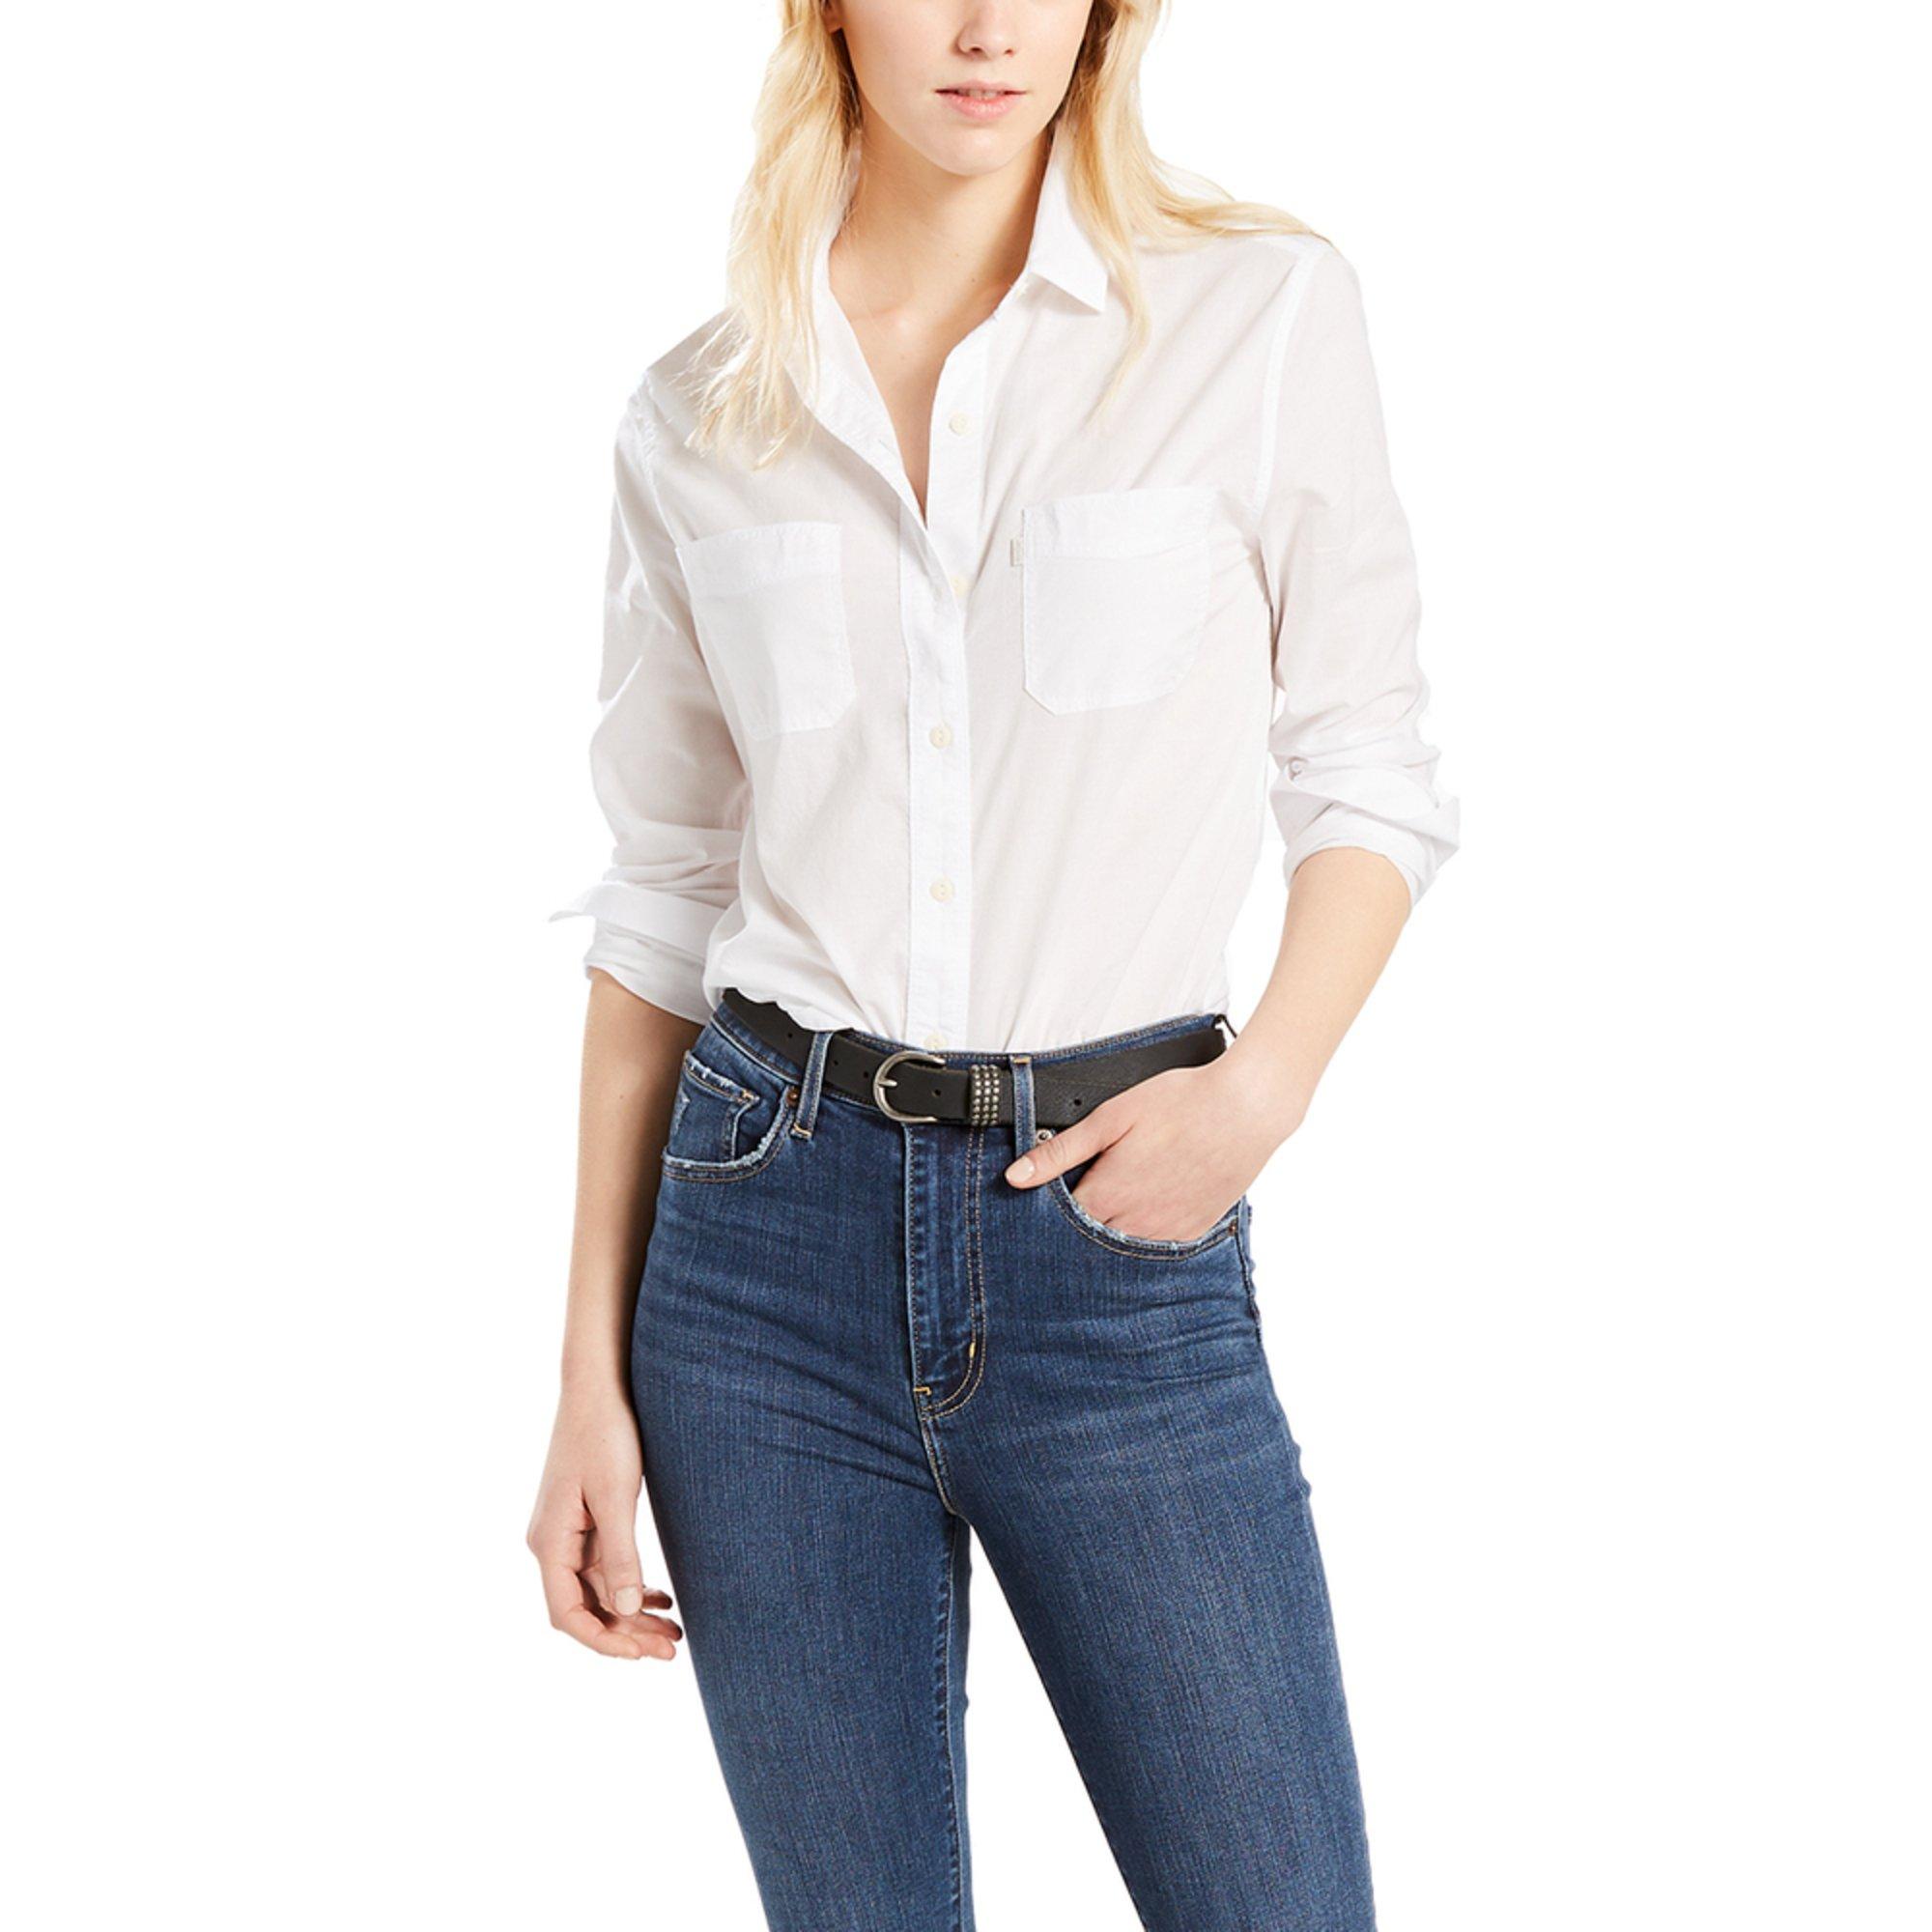 Levis Womens Good Workwear Boyfriend Shirt In Bright White